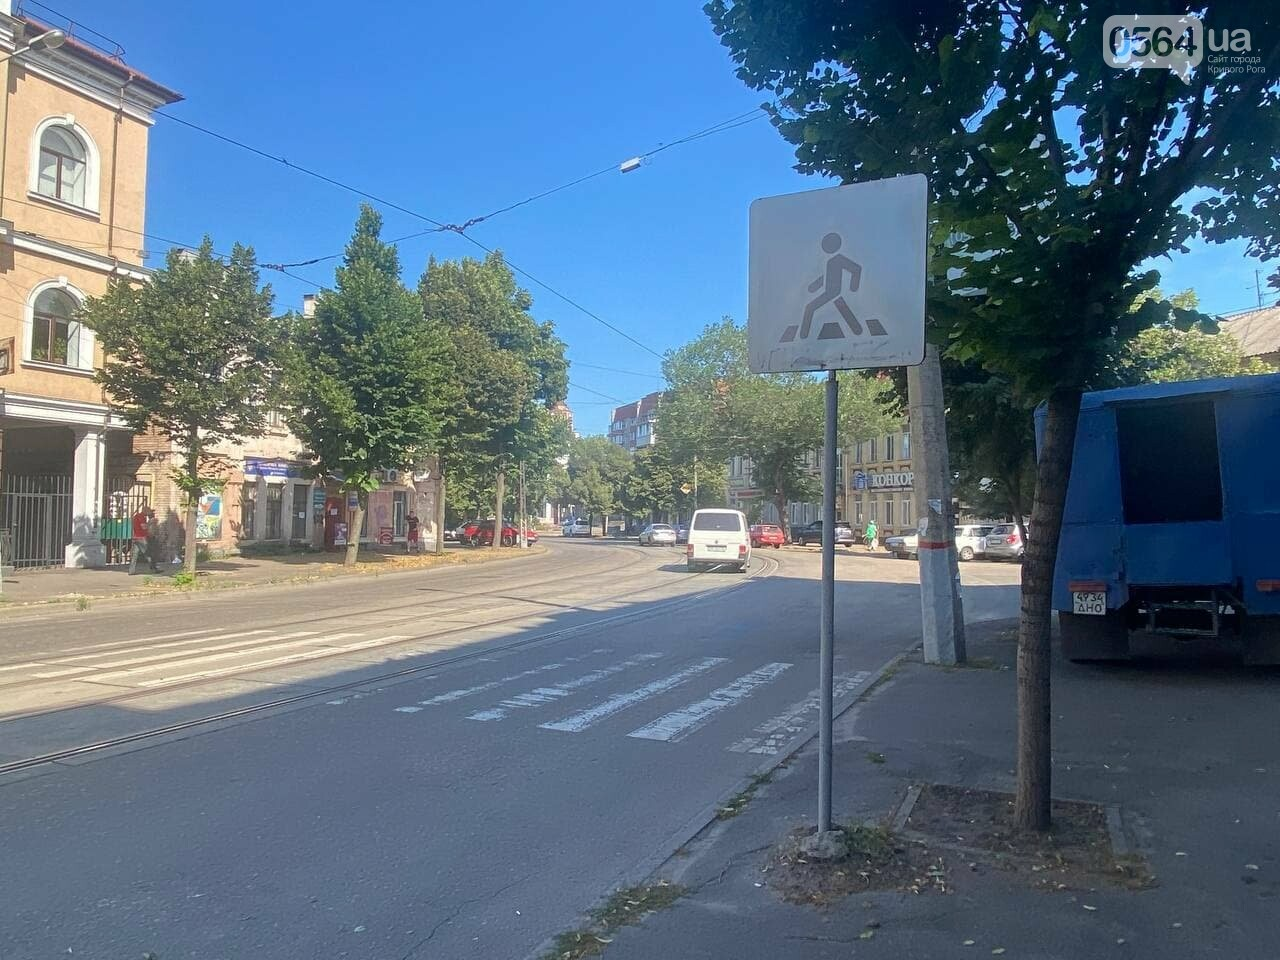 В Кривом Роге обновляют пешеходный переход, - ФОТО , фото-2